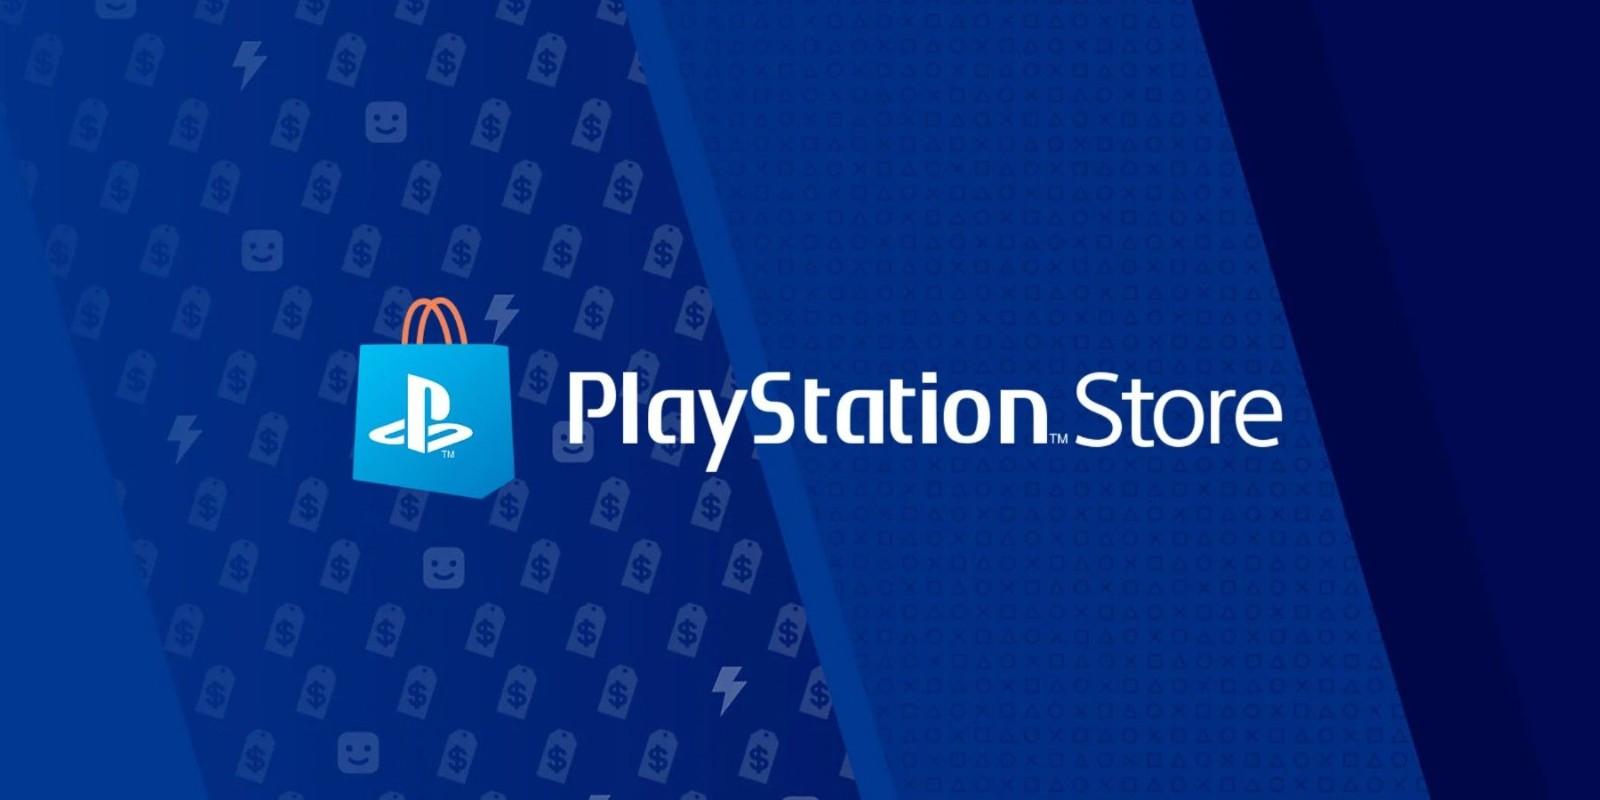 索尼官方确定将关闭PS3、PSP及PSV网络商店